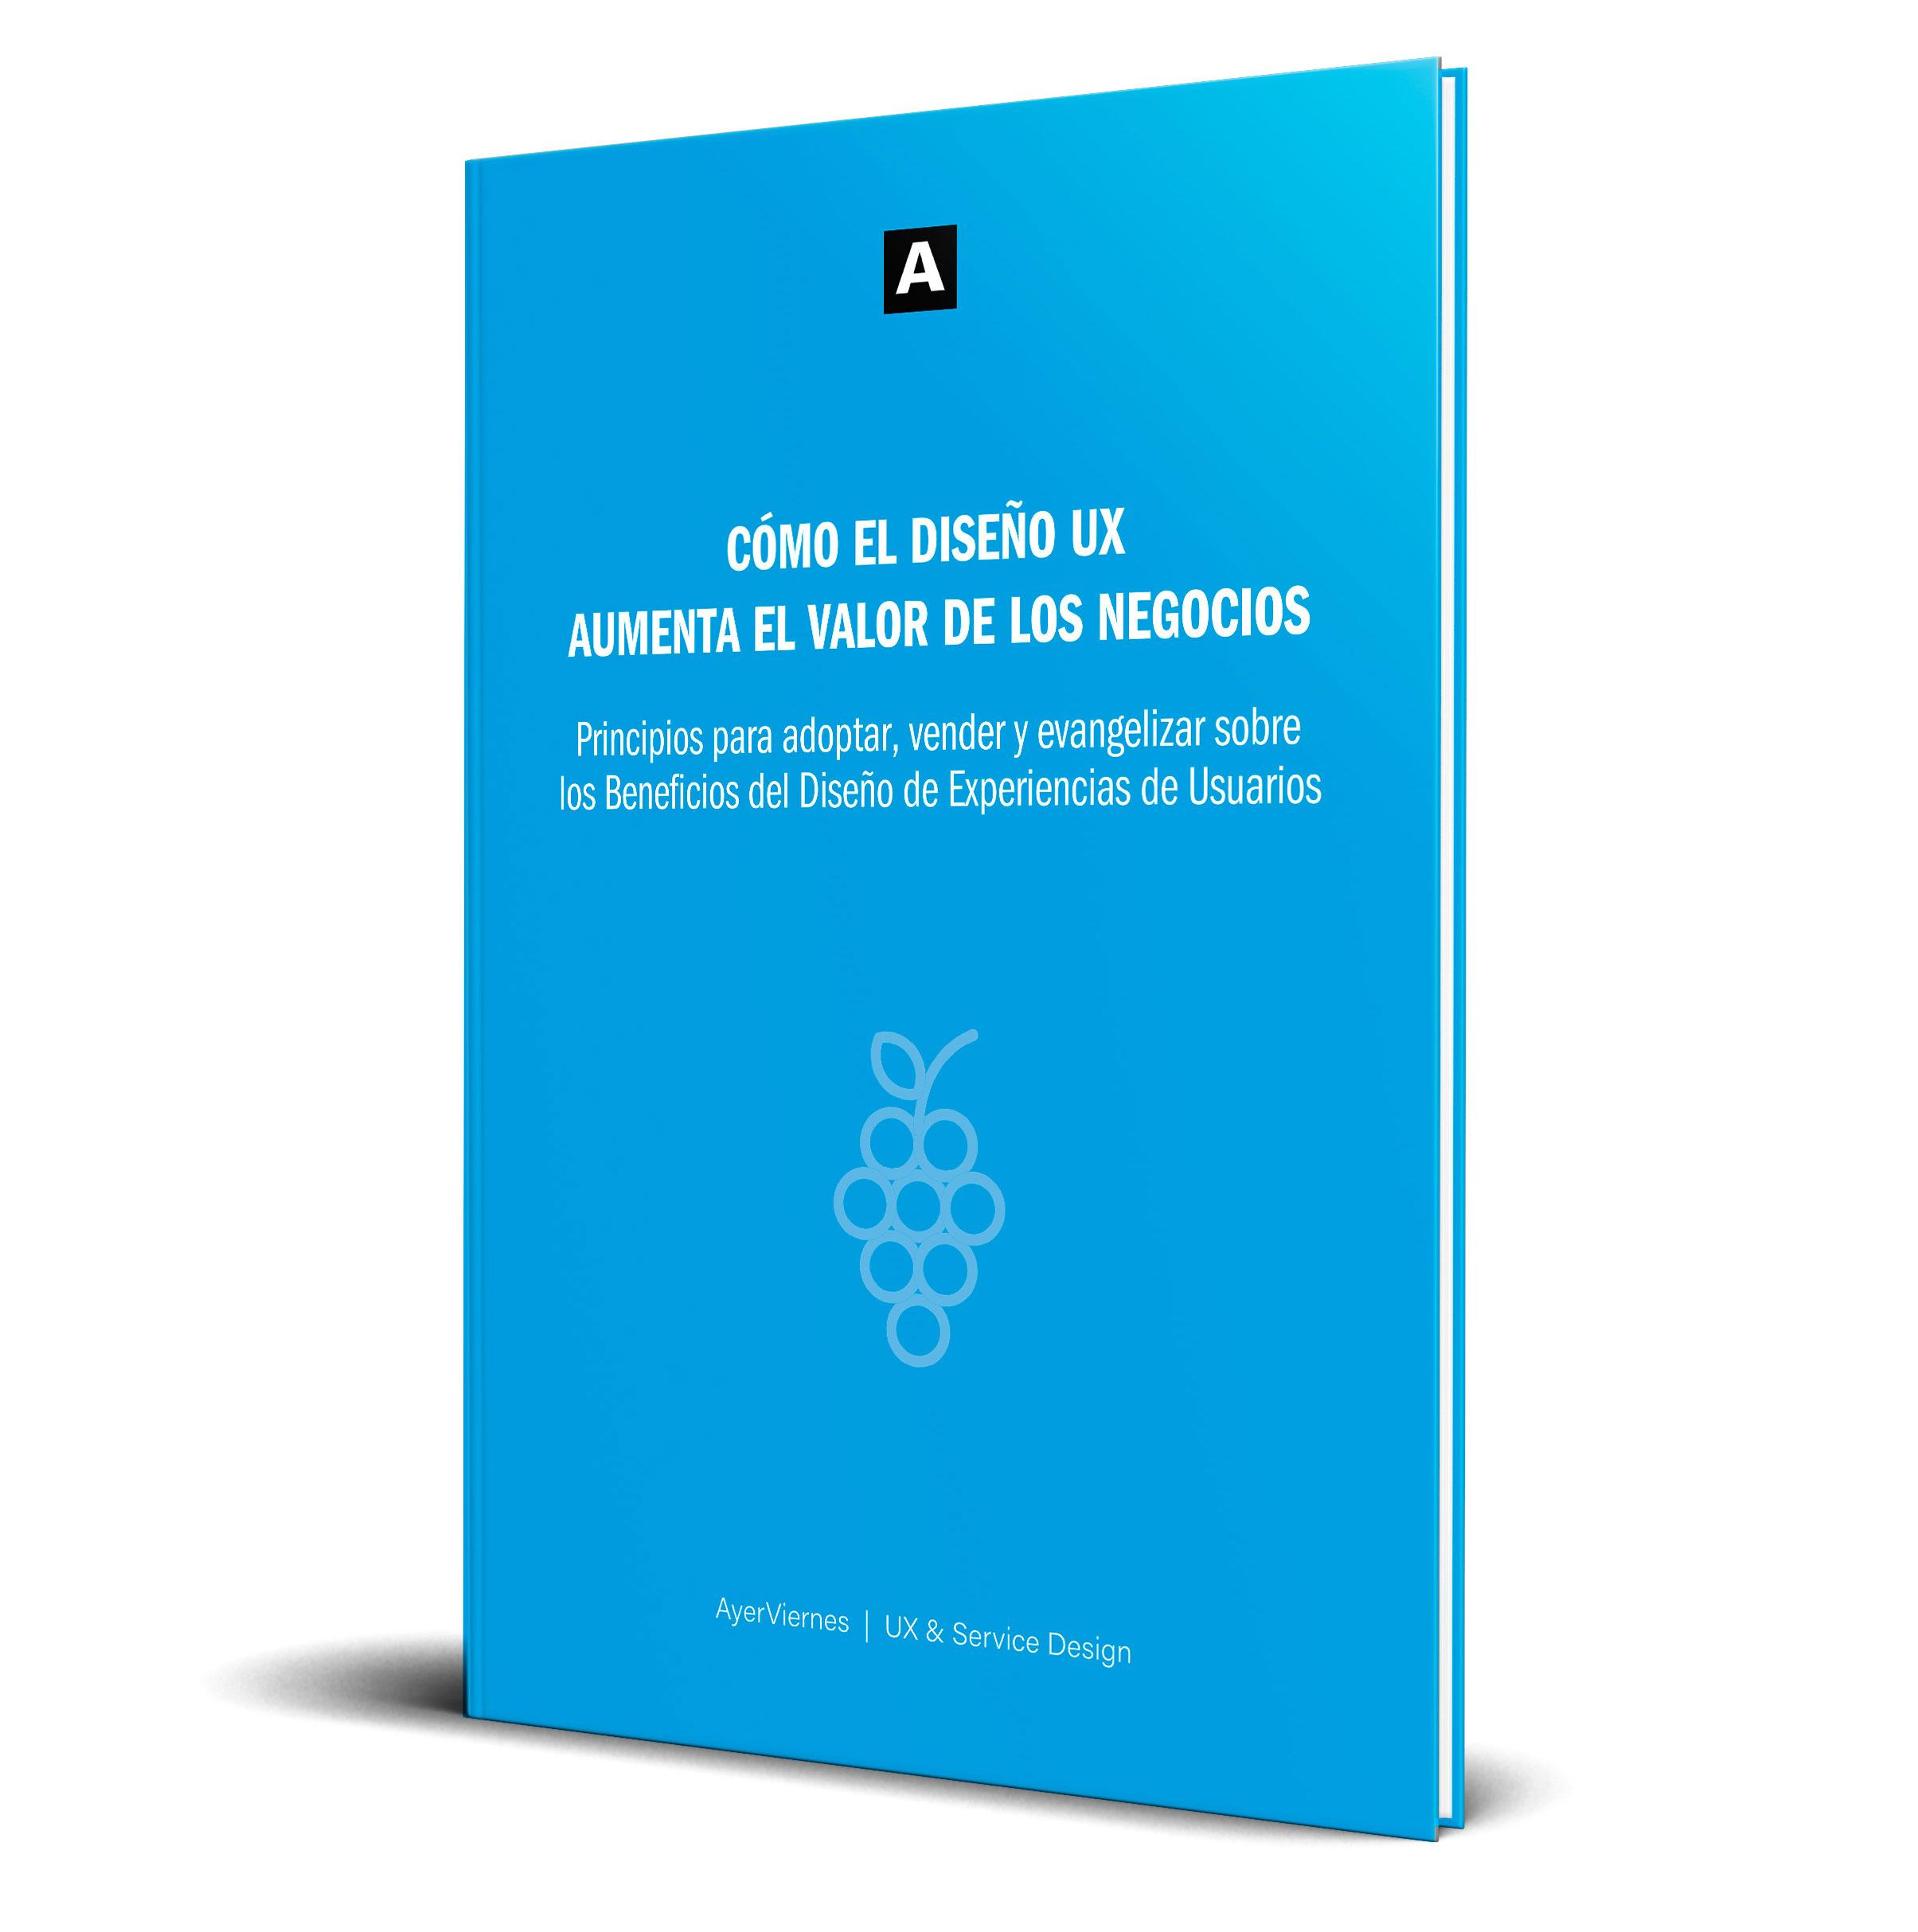 recursos-UX-libro-valor-negocio.jpg